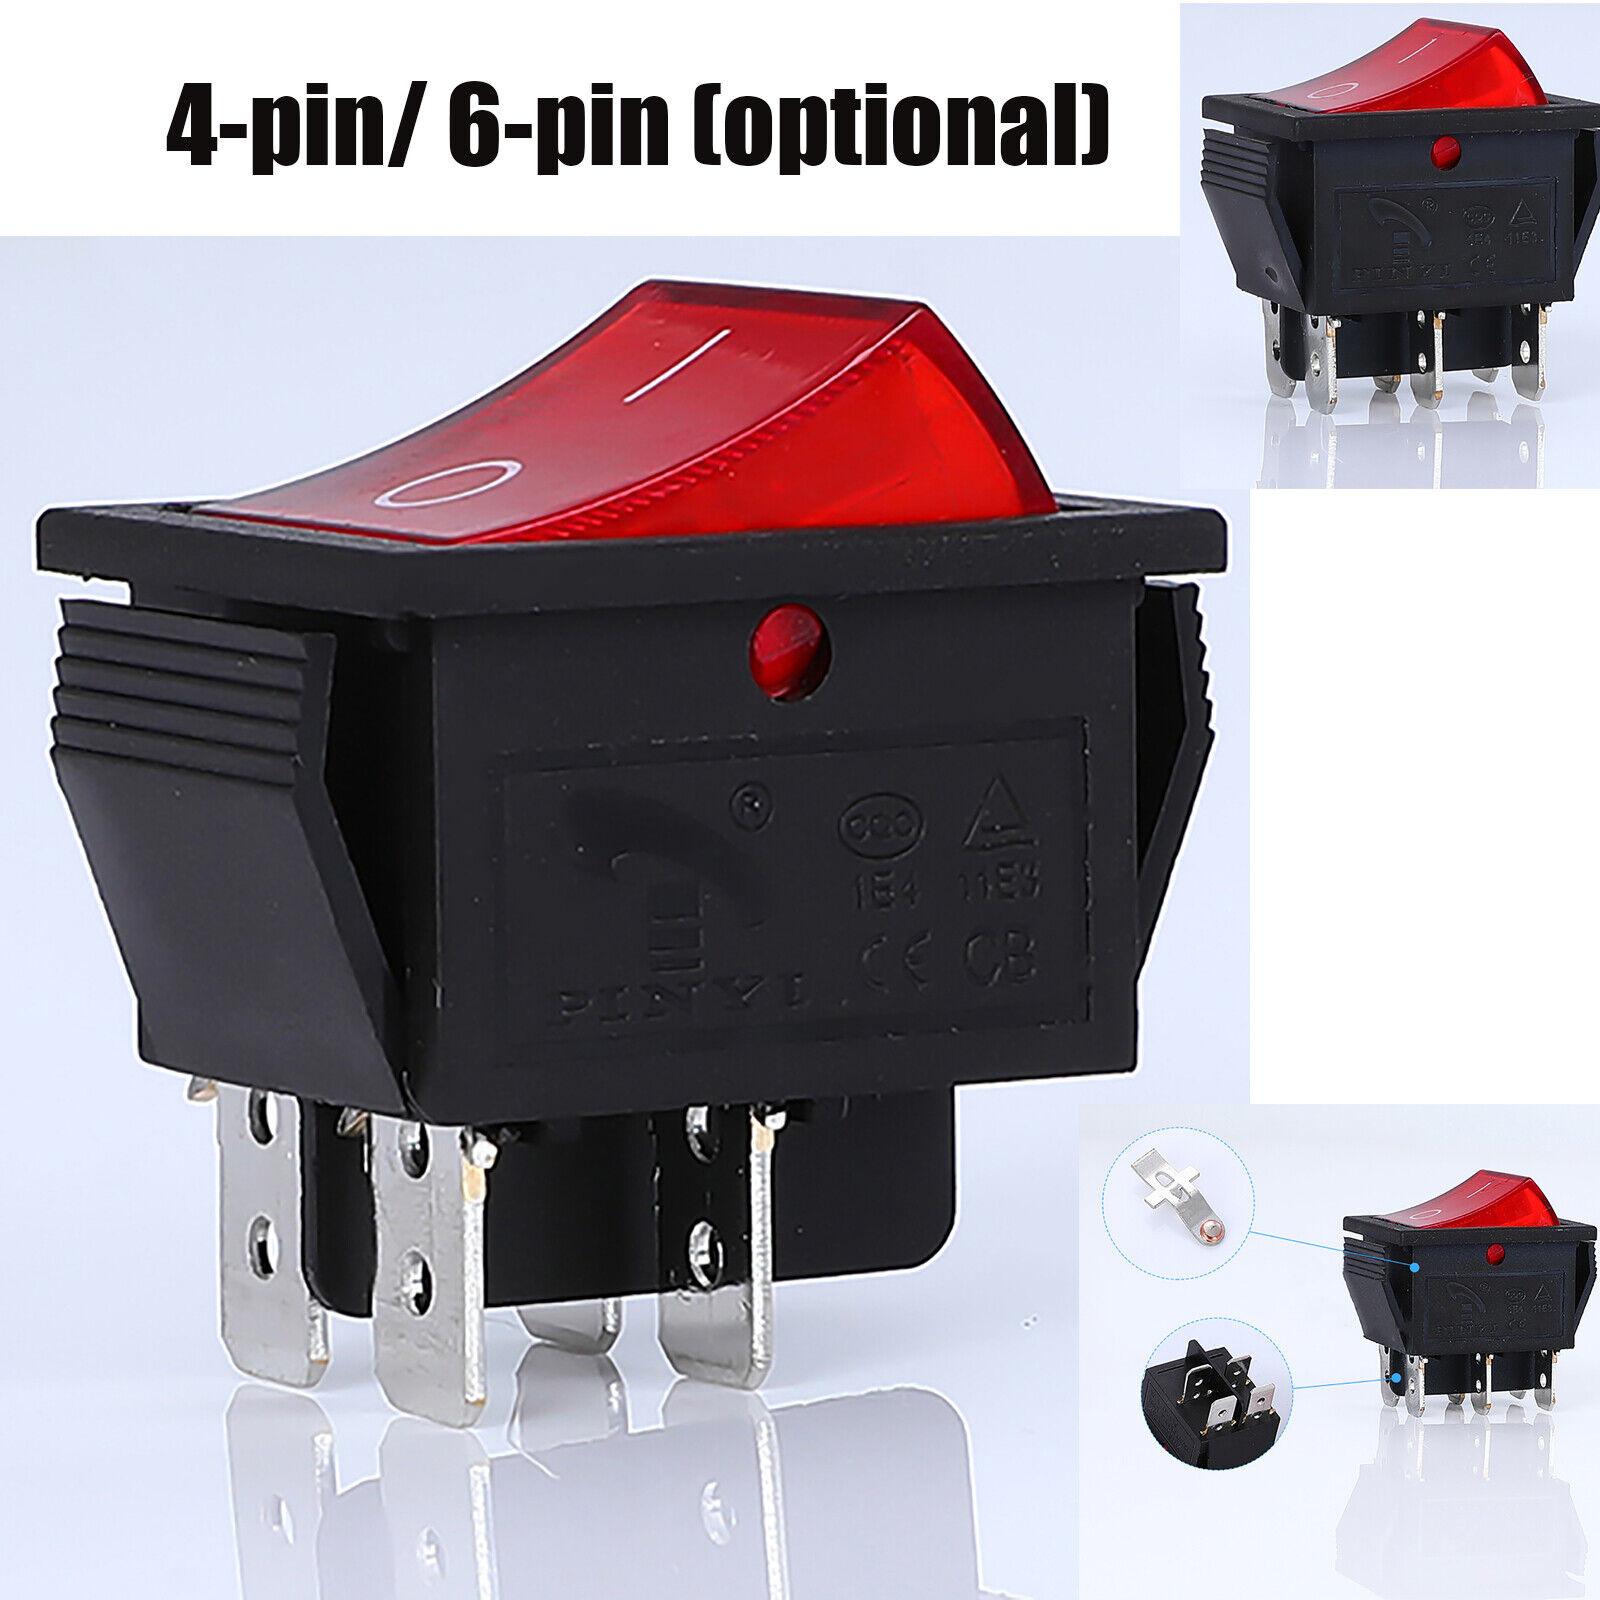 Para Soken rk1-01 interruptor 4 pin/6 pin con tornillos 2 posición 16a/250v t100 ade